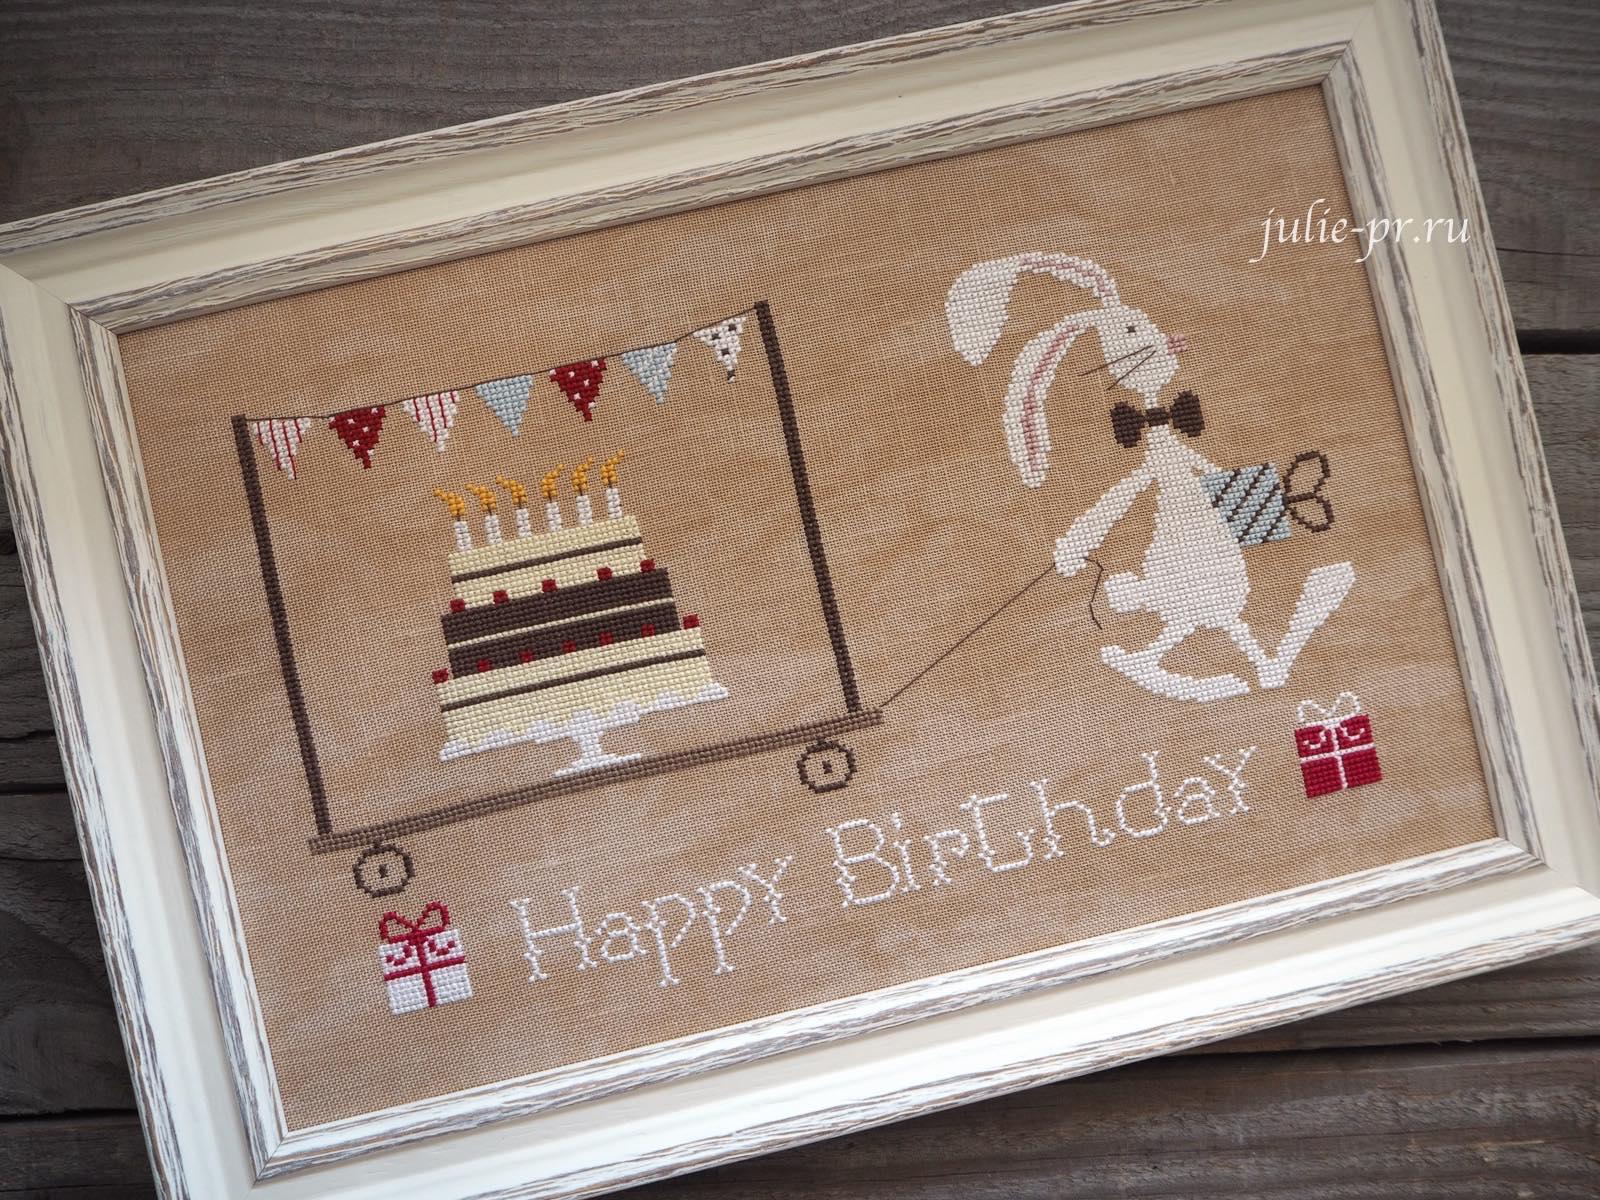 вышивка крестом, Madame Chantilly, Happy Birthday, С днем рождения, заяц с тортом, сербский деревянный багет, оформление вышивки